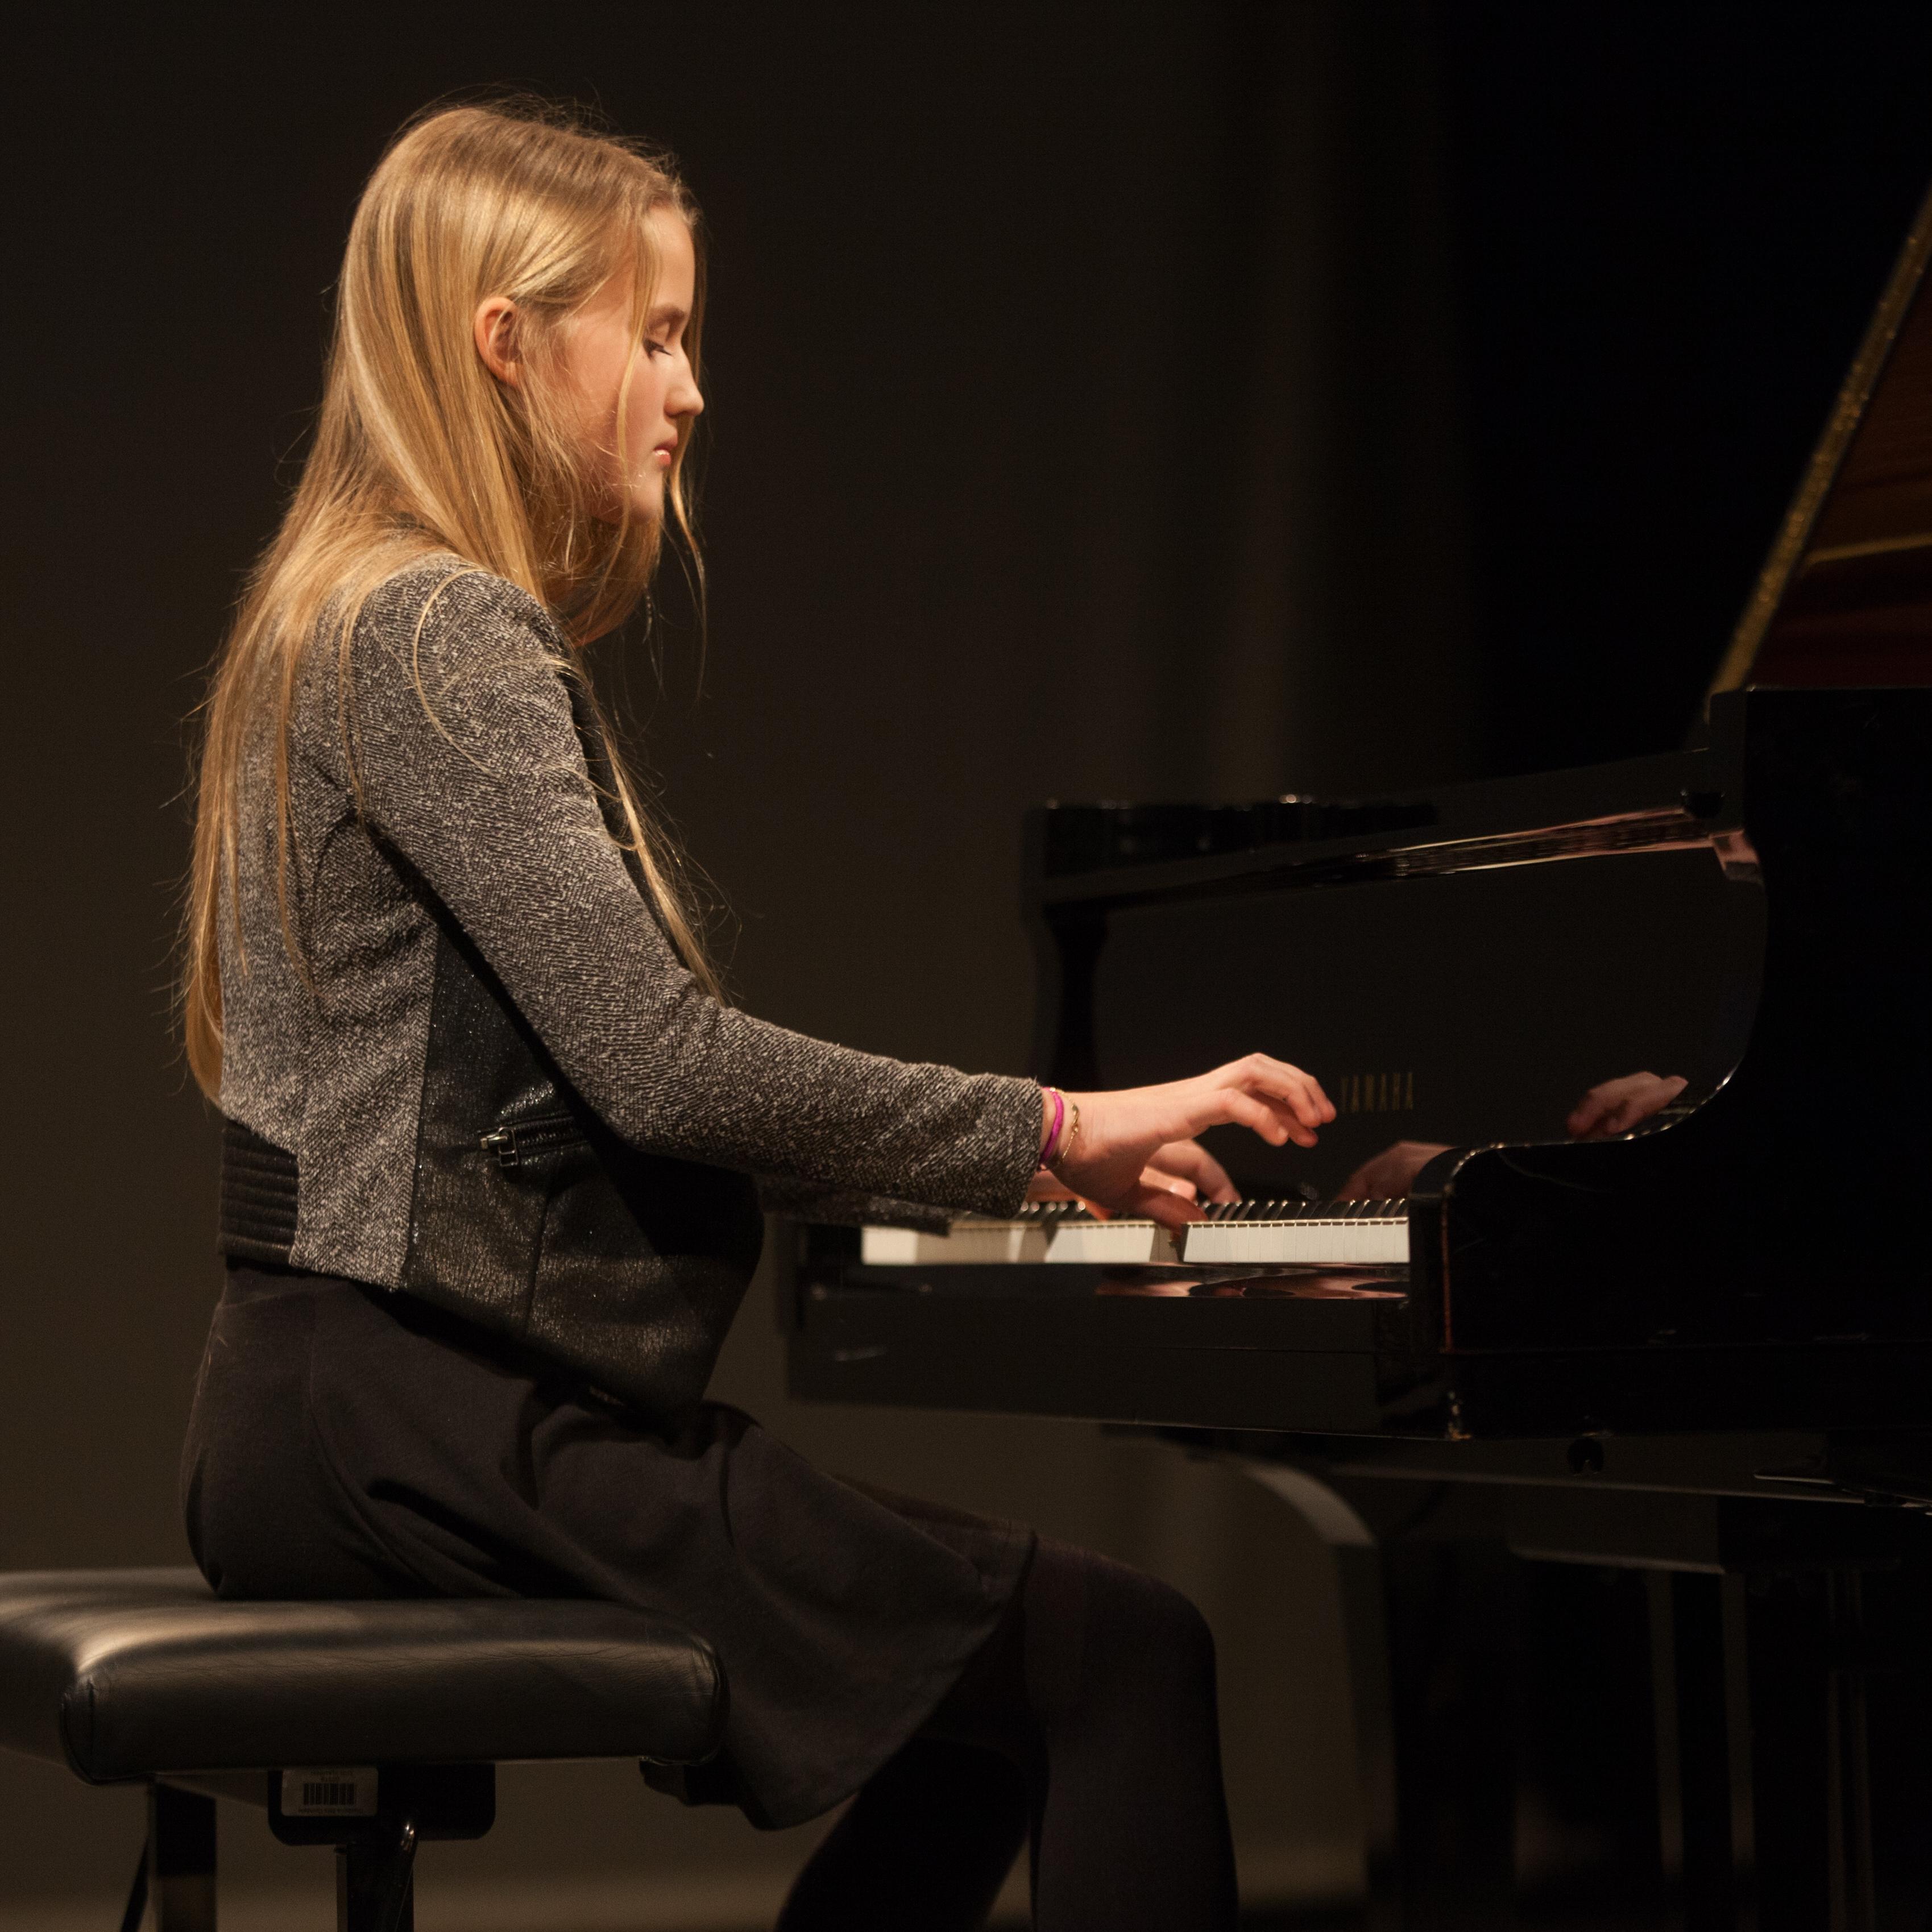 fotonemec_gsd_pianisti-18